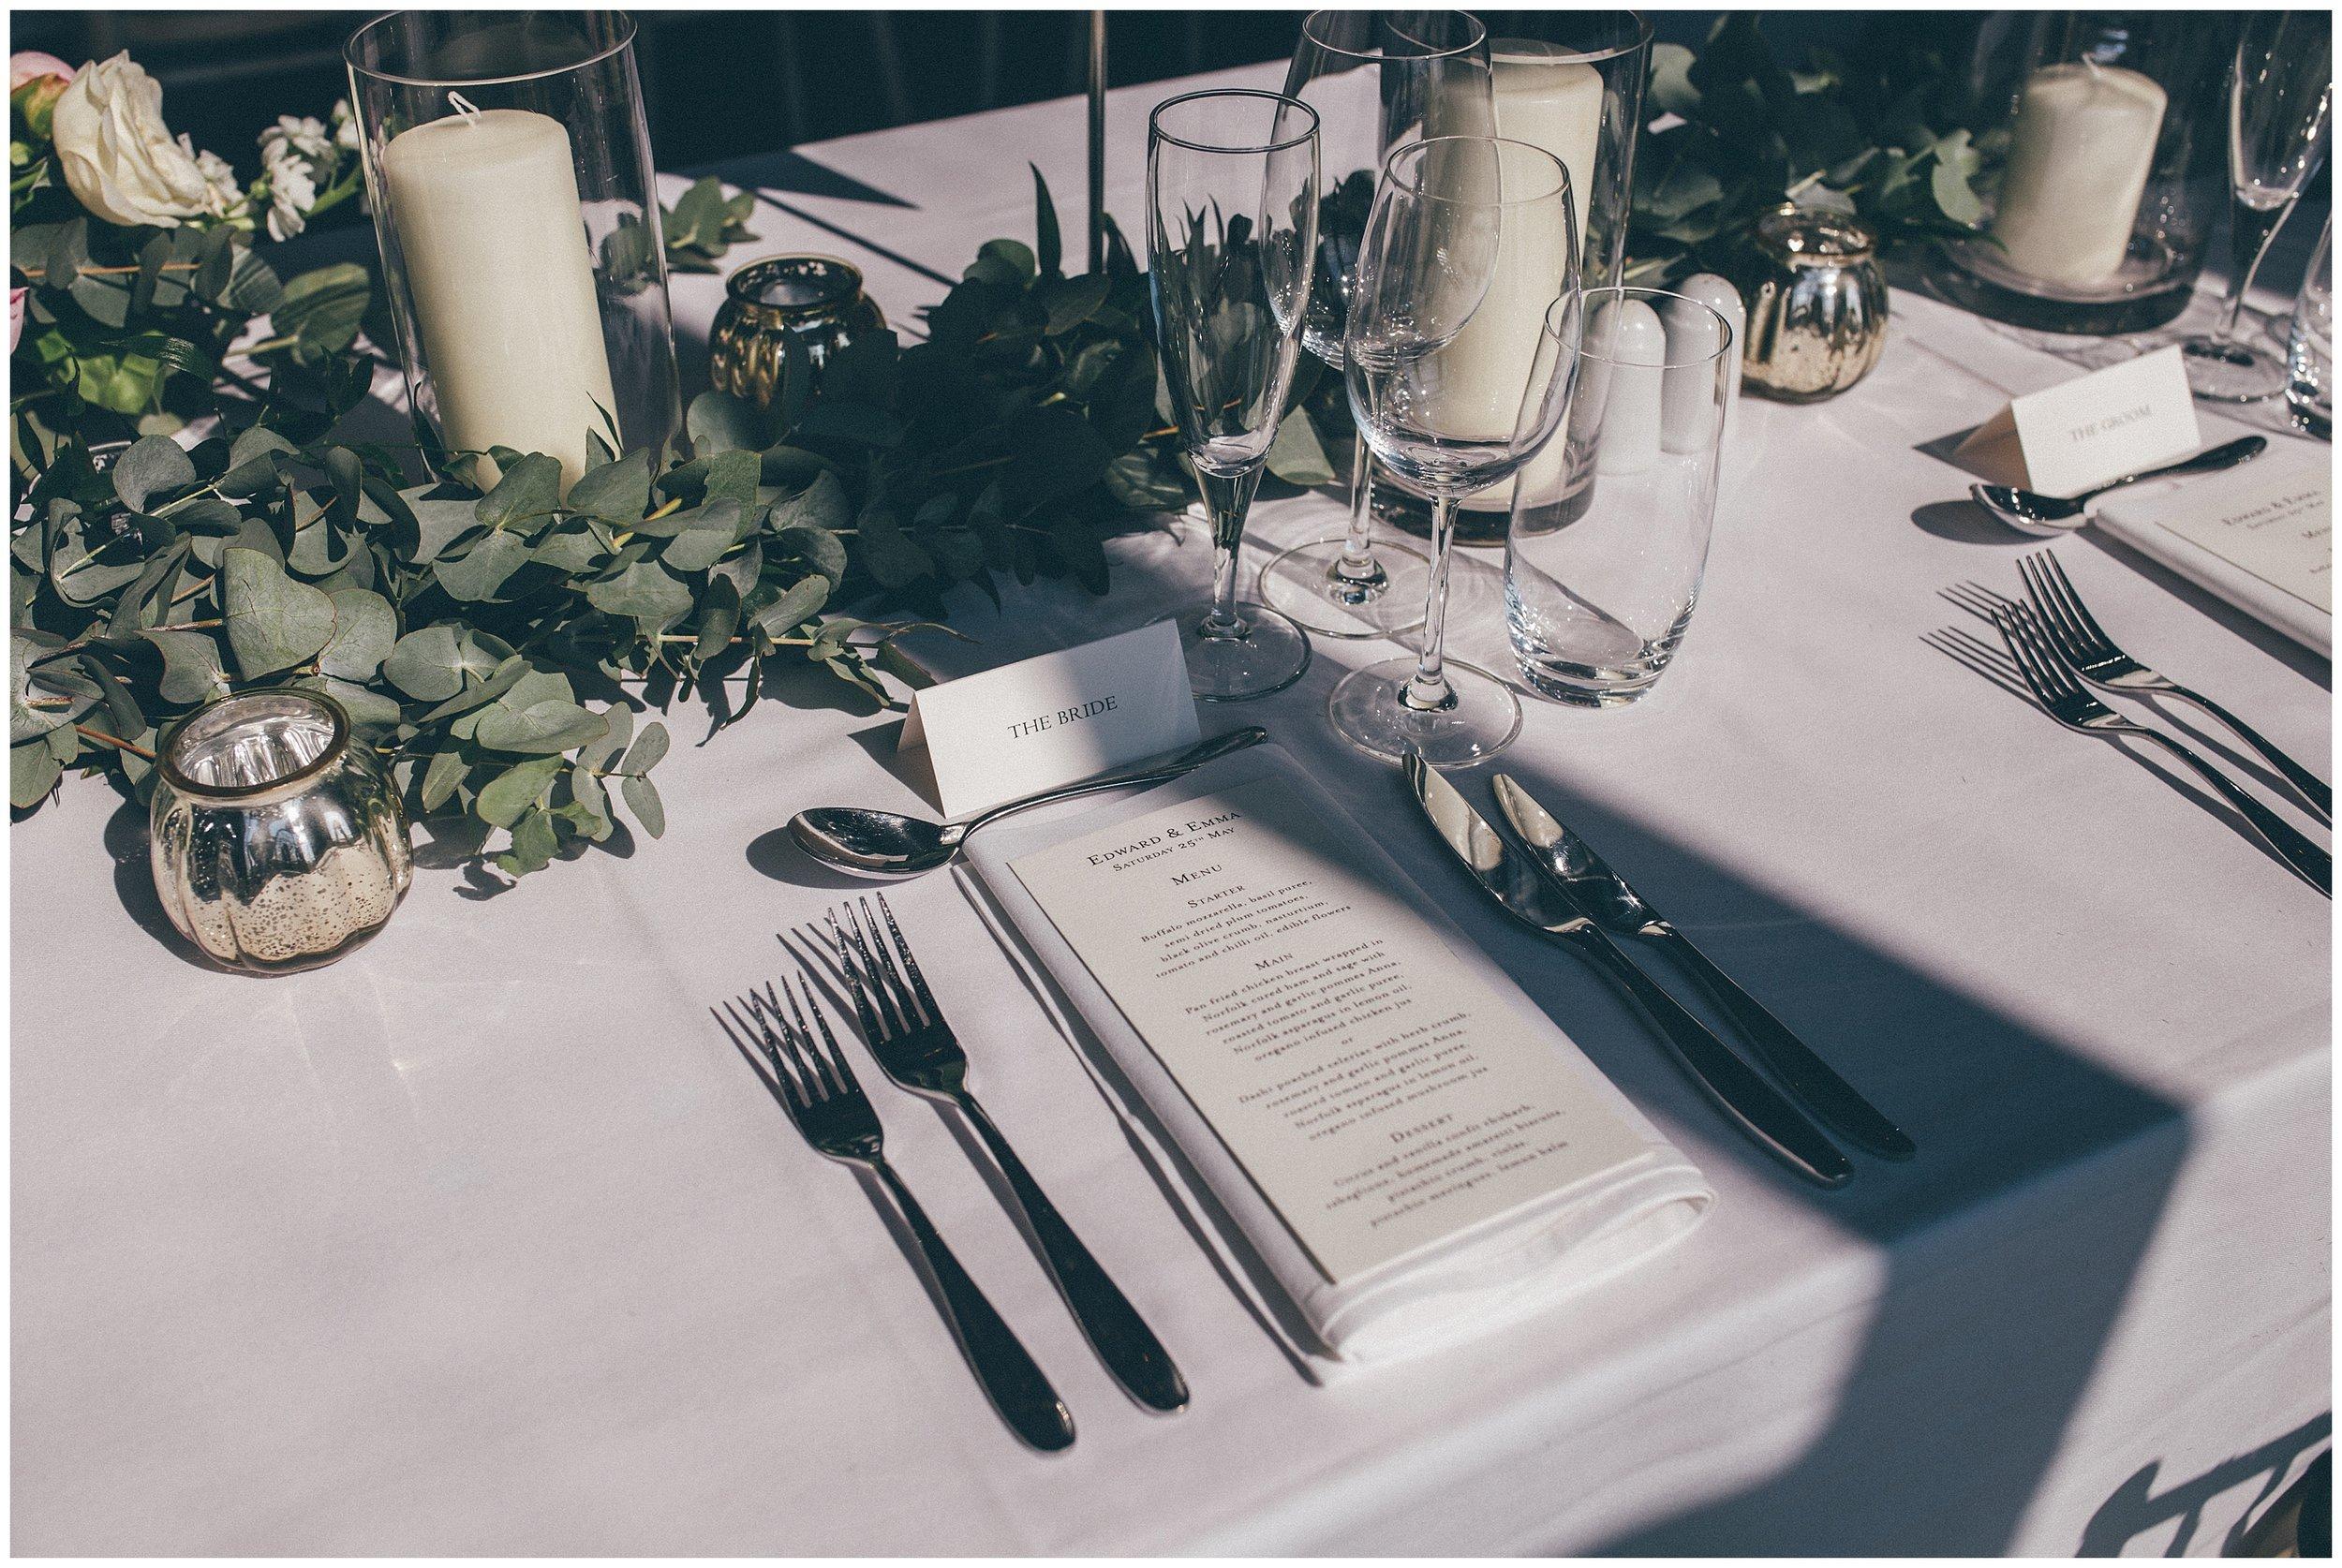 Bridal place setting at Stunning table details at Henham Park wedding barns.